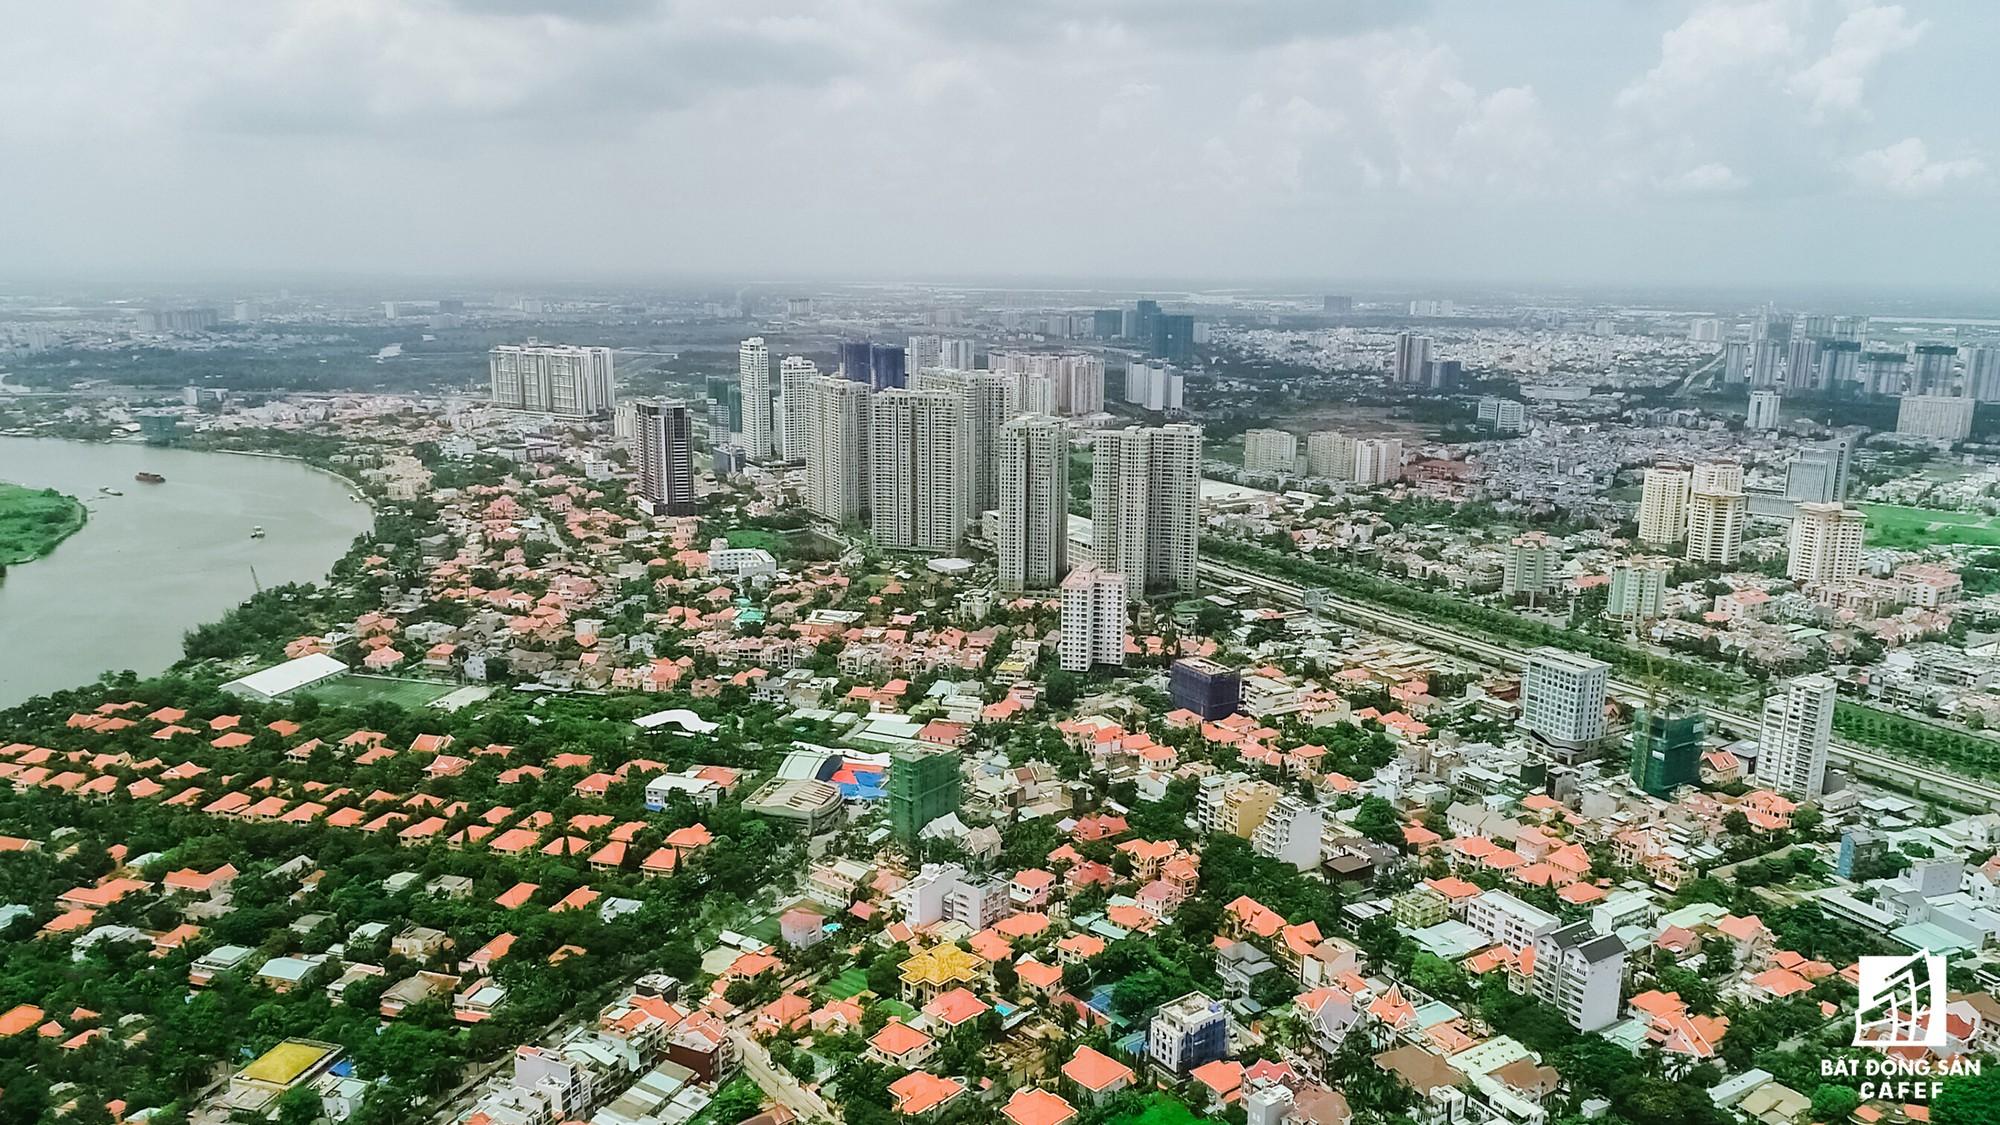 Nhà giàu cũng khóc trong những khu biệt thự sang chảnh bậc nhất Sài Gòn - Ảnh 2.